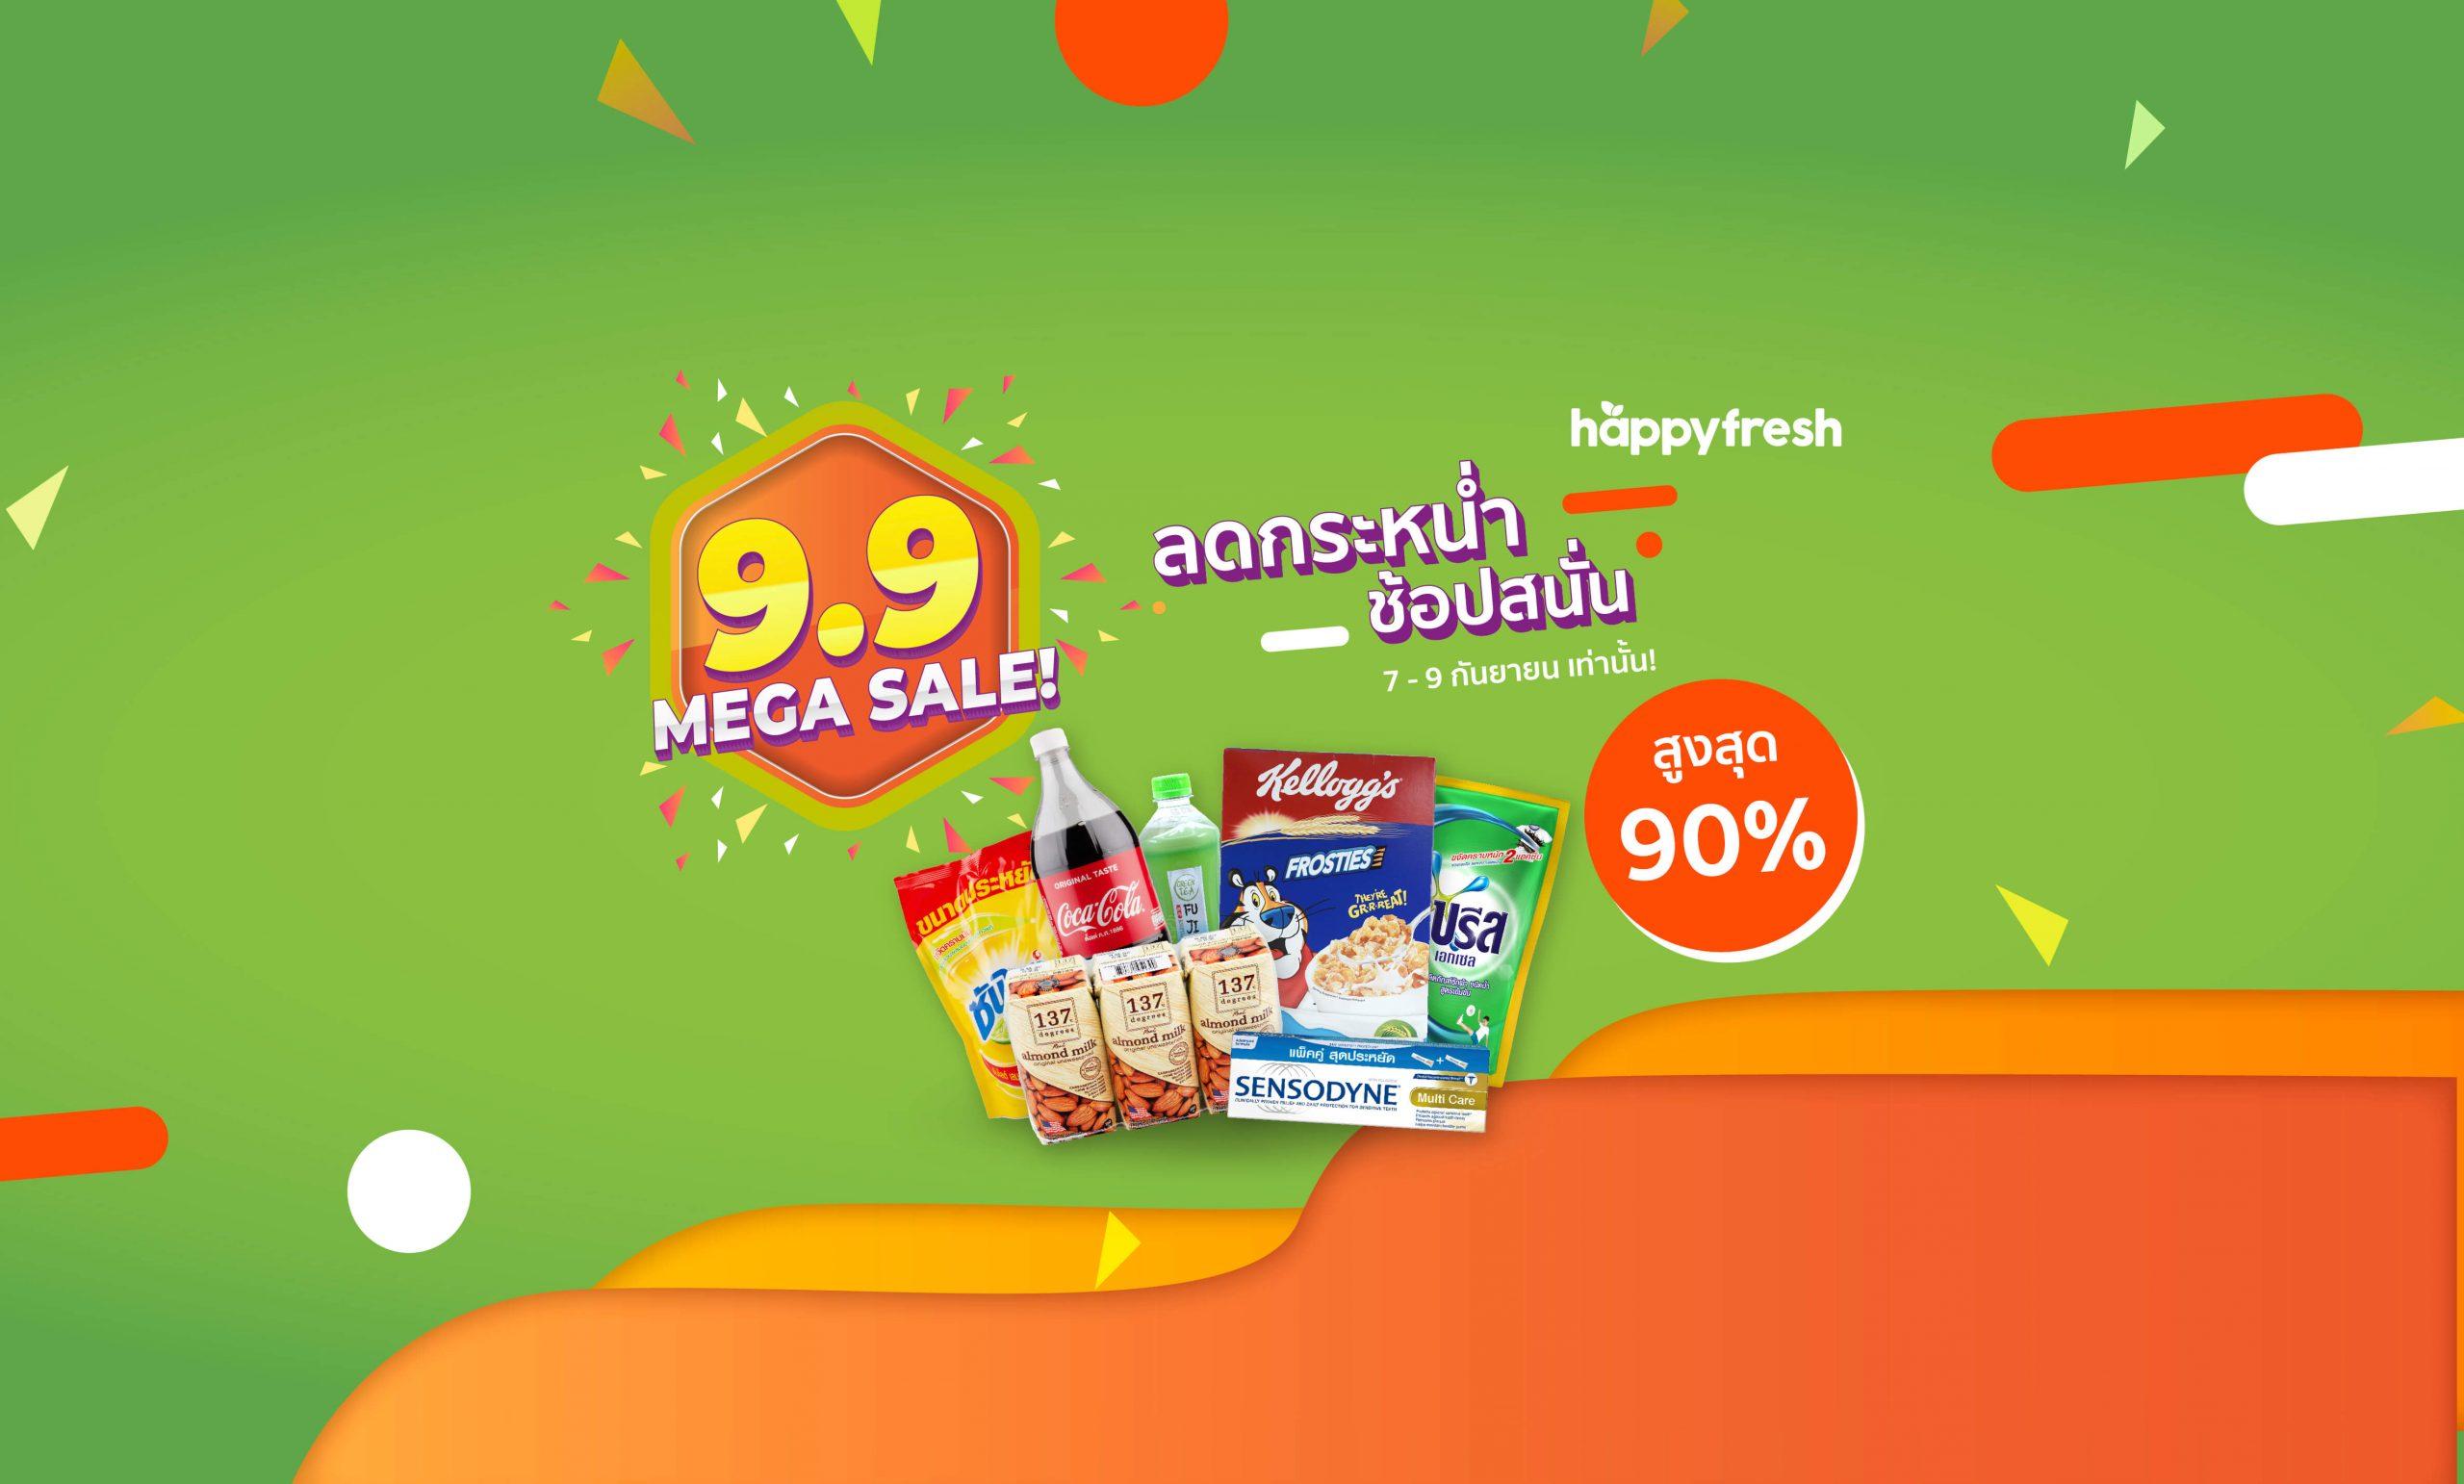 HappyFresh_Promotion_9_9_Mega_Sale